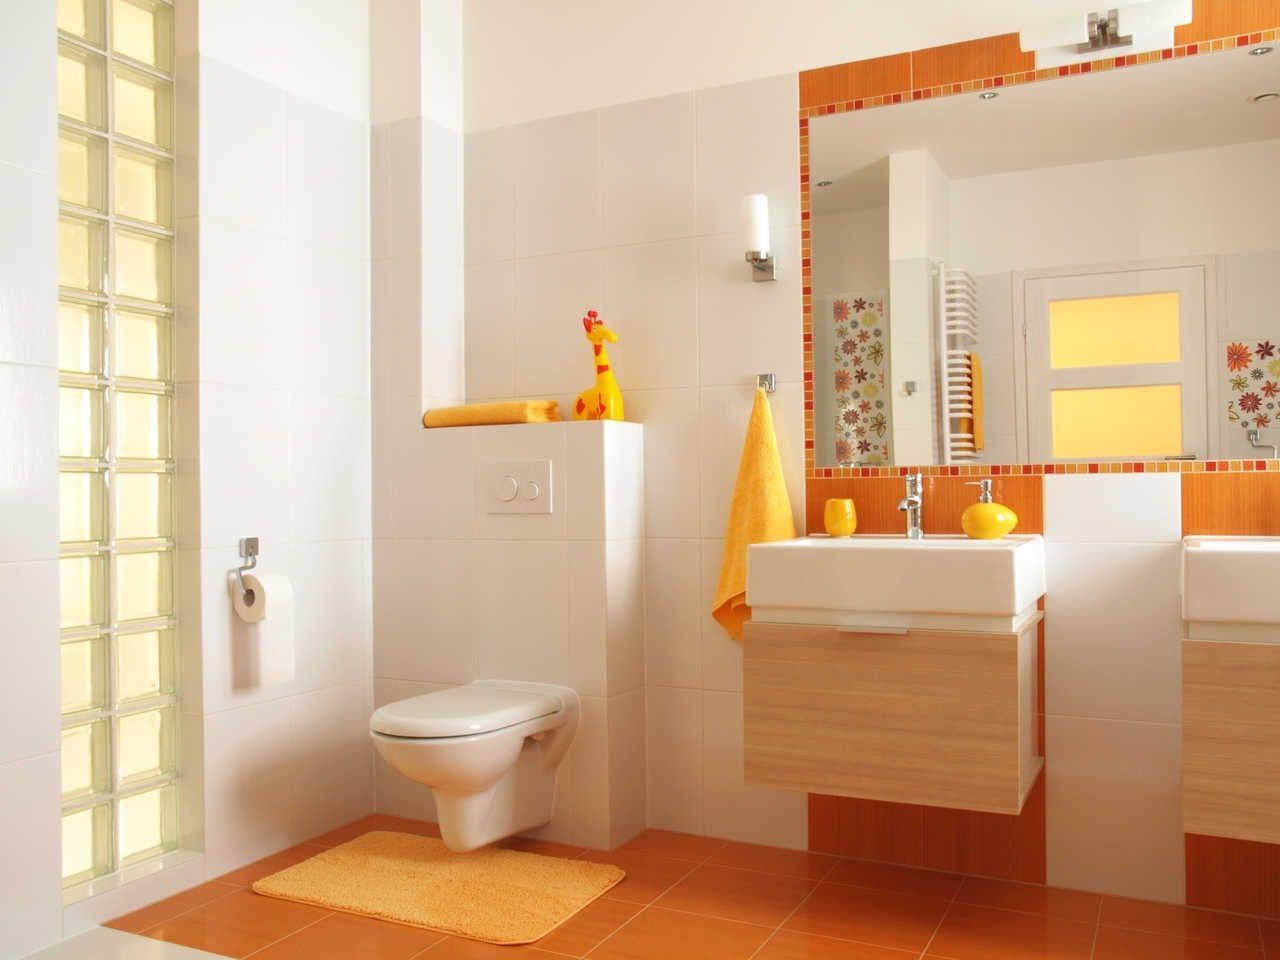 dale luz a tu baño. #baño #diseño #círculos #naranja | decoración